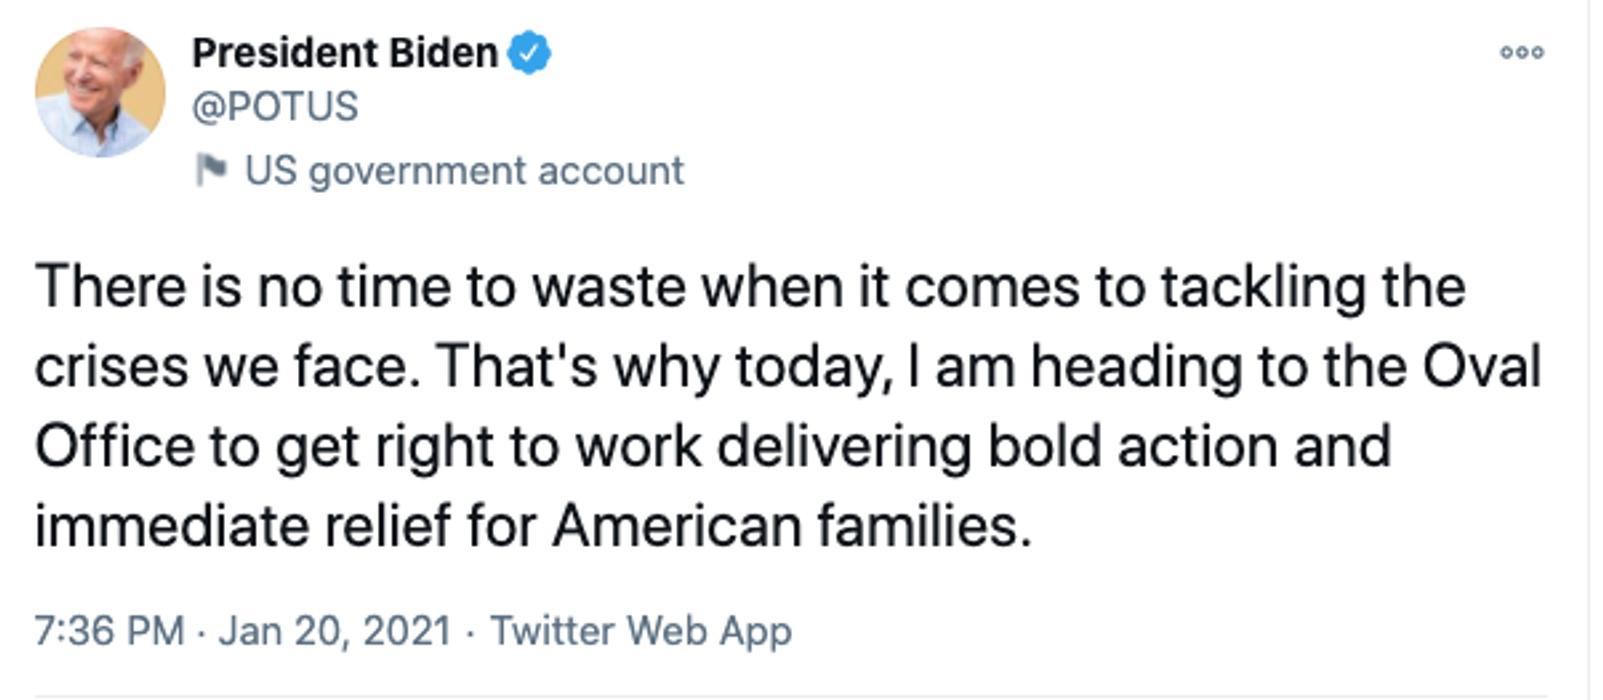 Το πρώτο tweet του νέου Προέδρου των ΗΠΑ Τζο Μπάιντεν